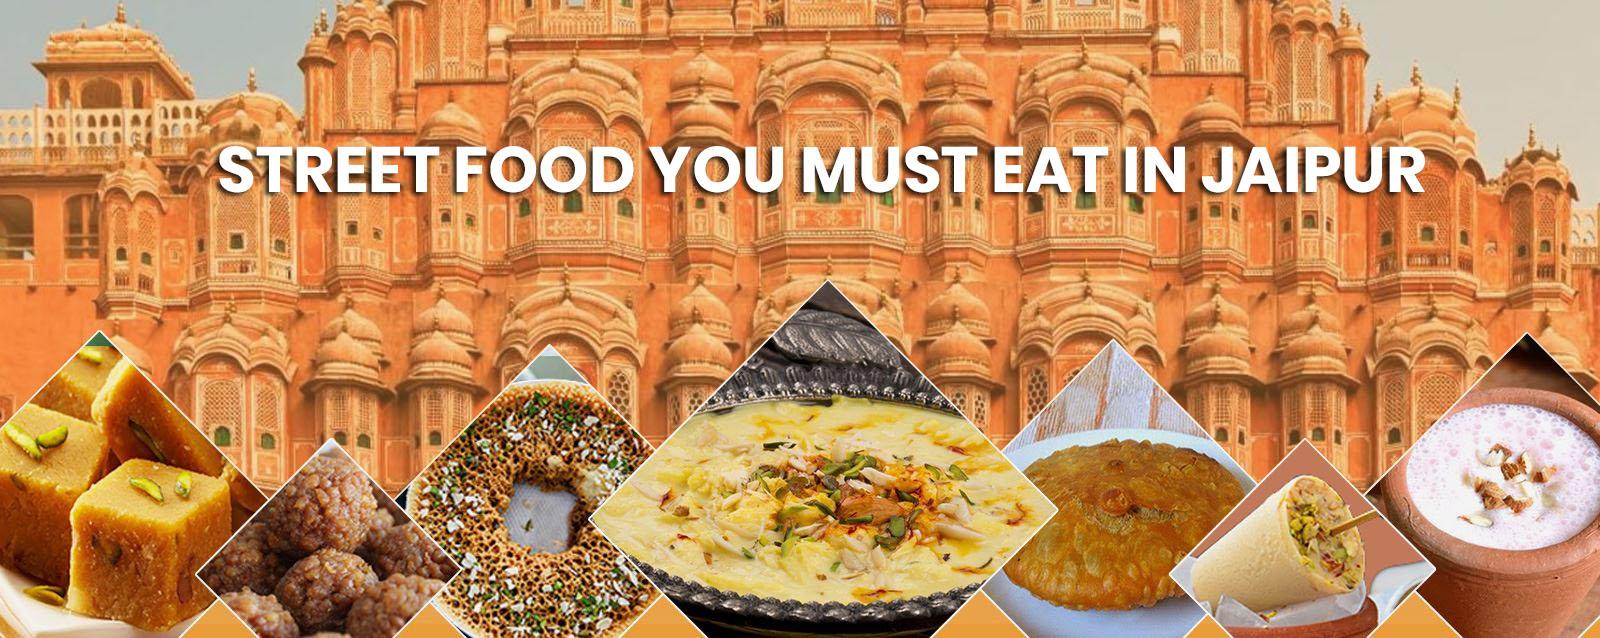 Street food you must eat in Jaipur